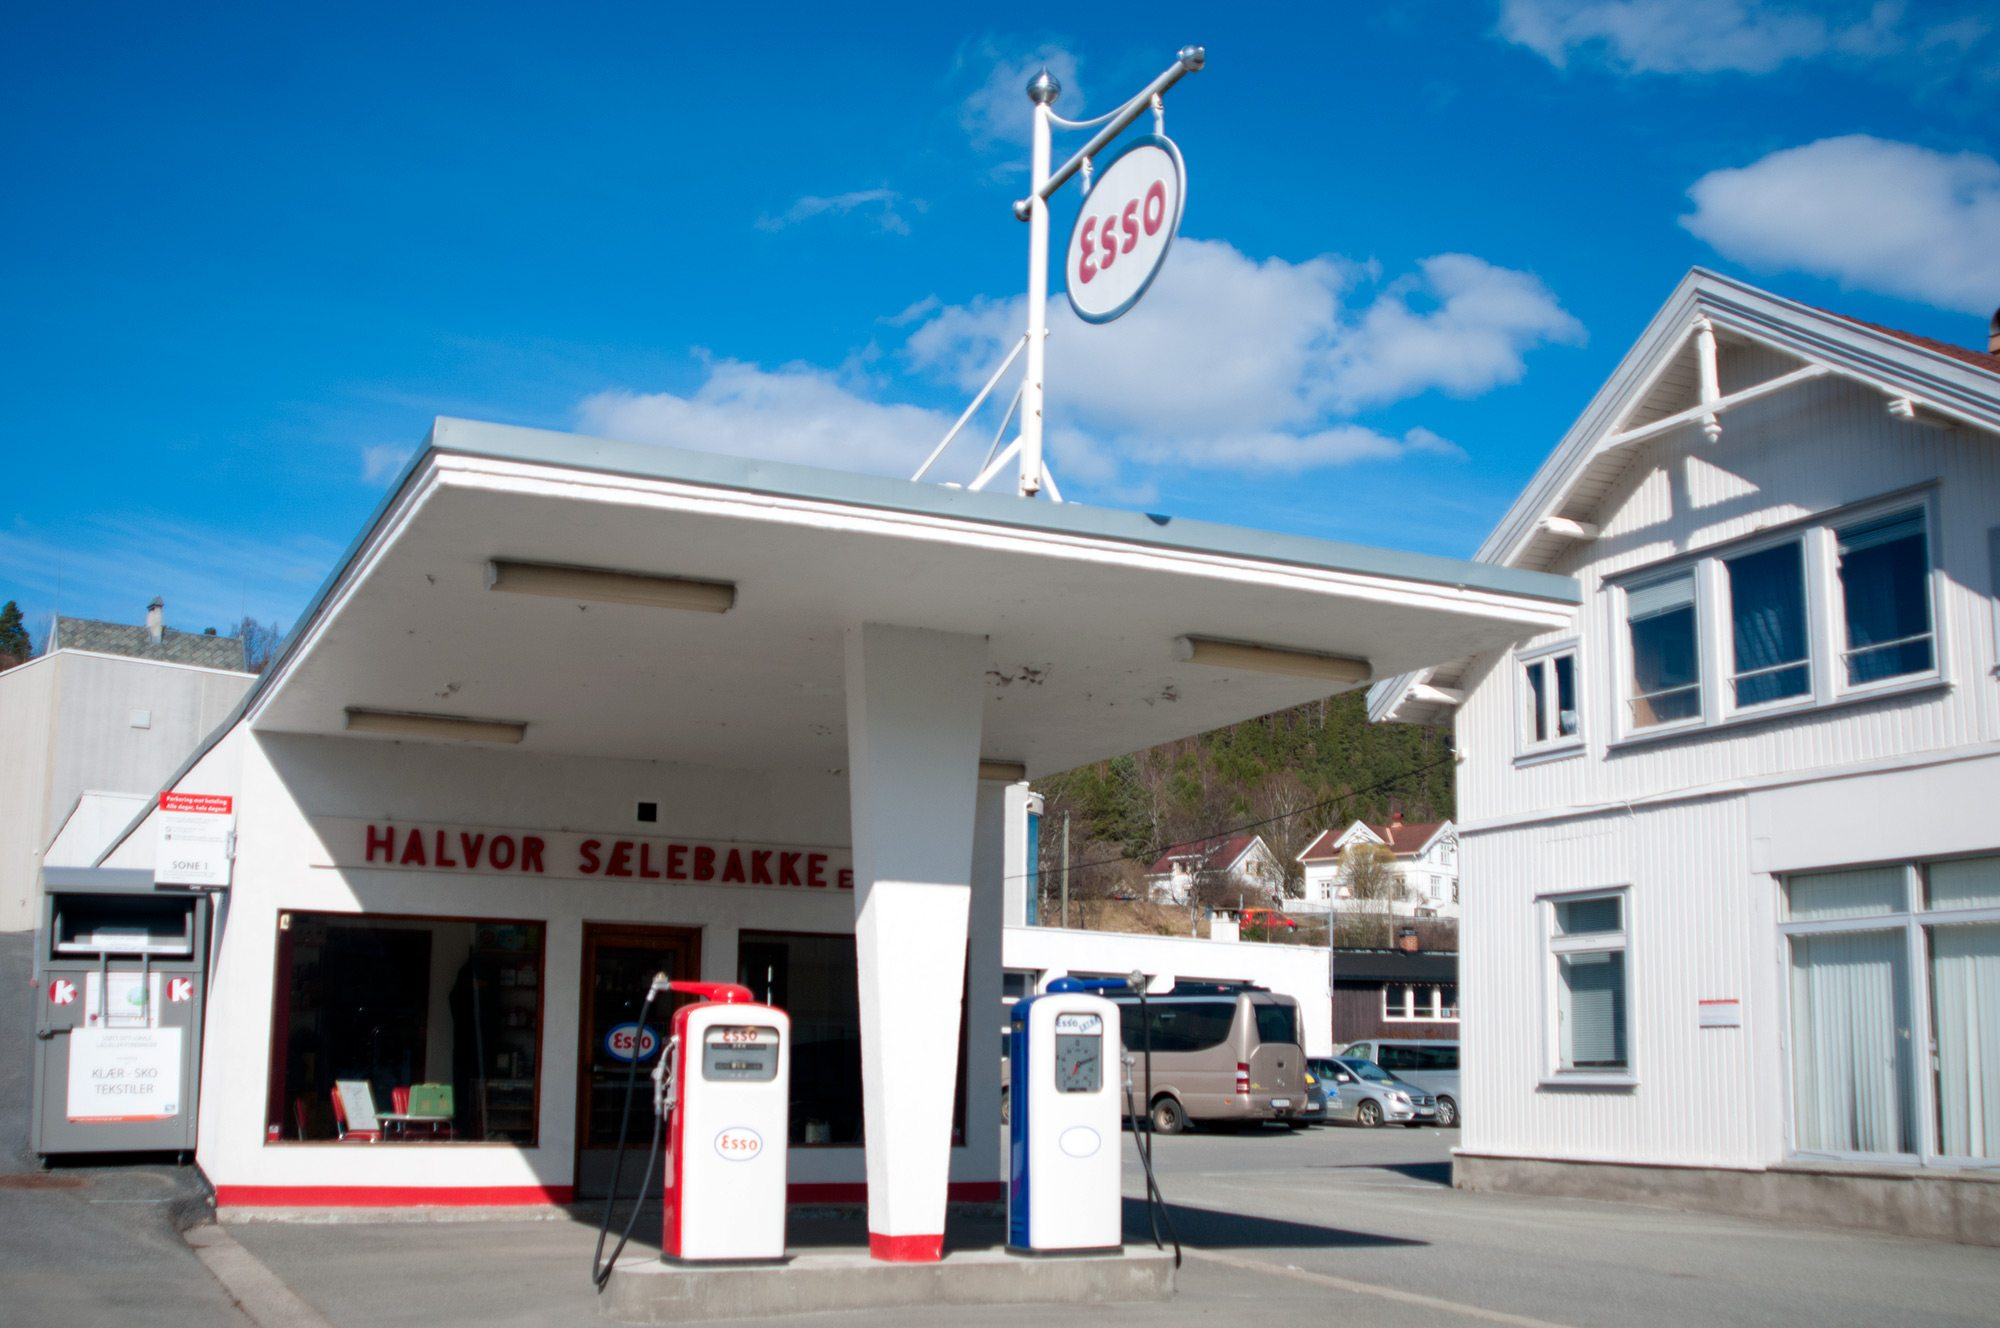 Hva heter veien hvor denne kjente og kjære bensinstasjonen ligger?